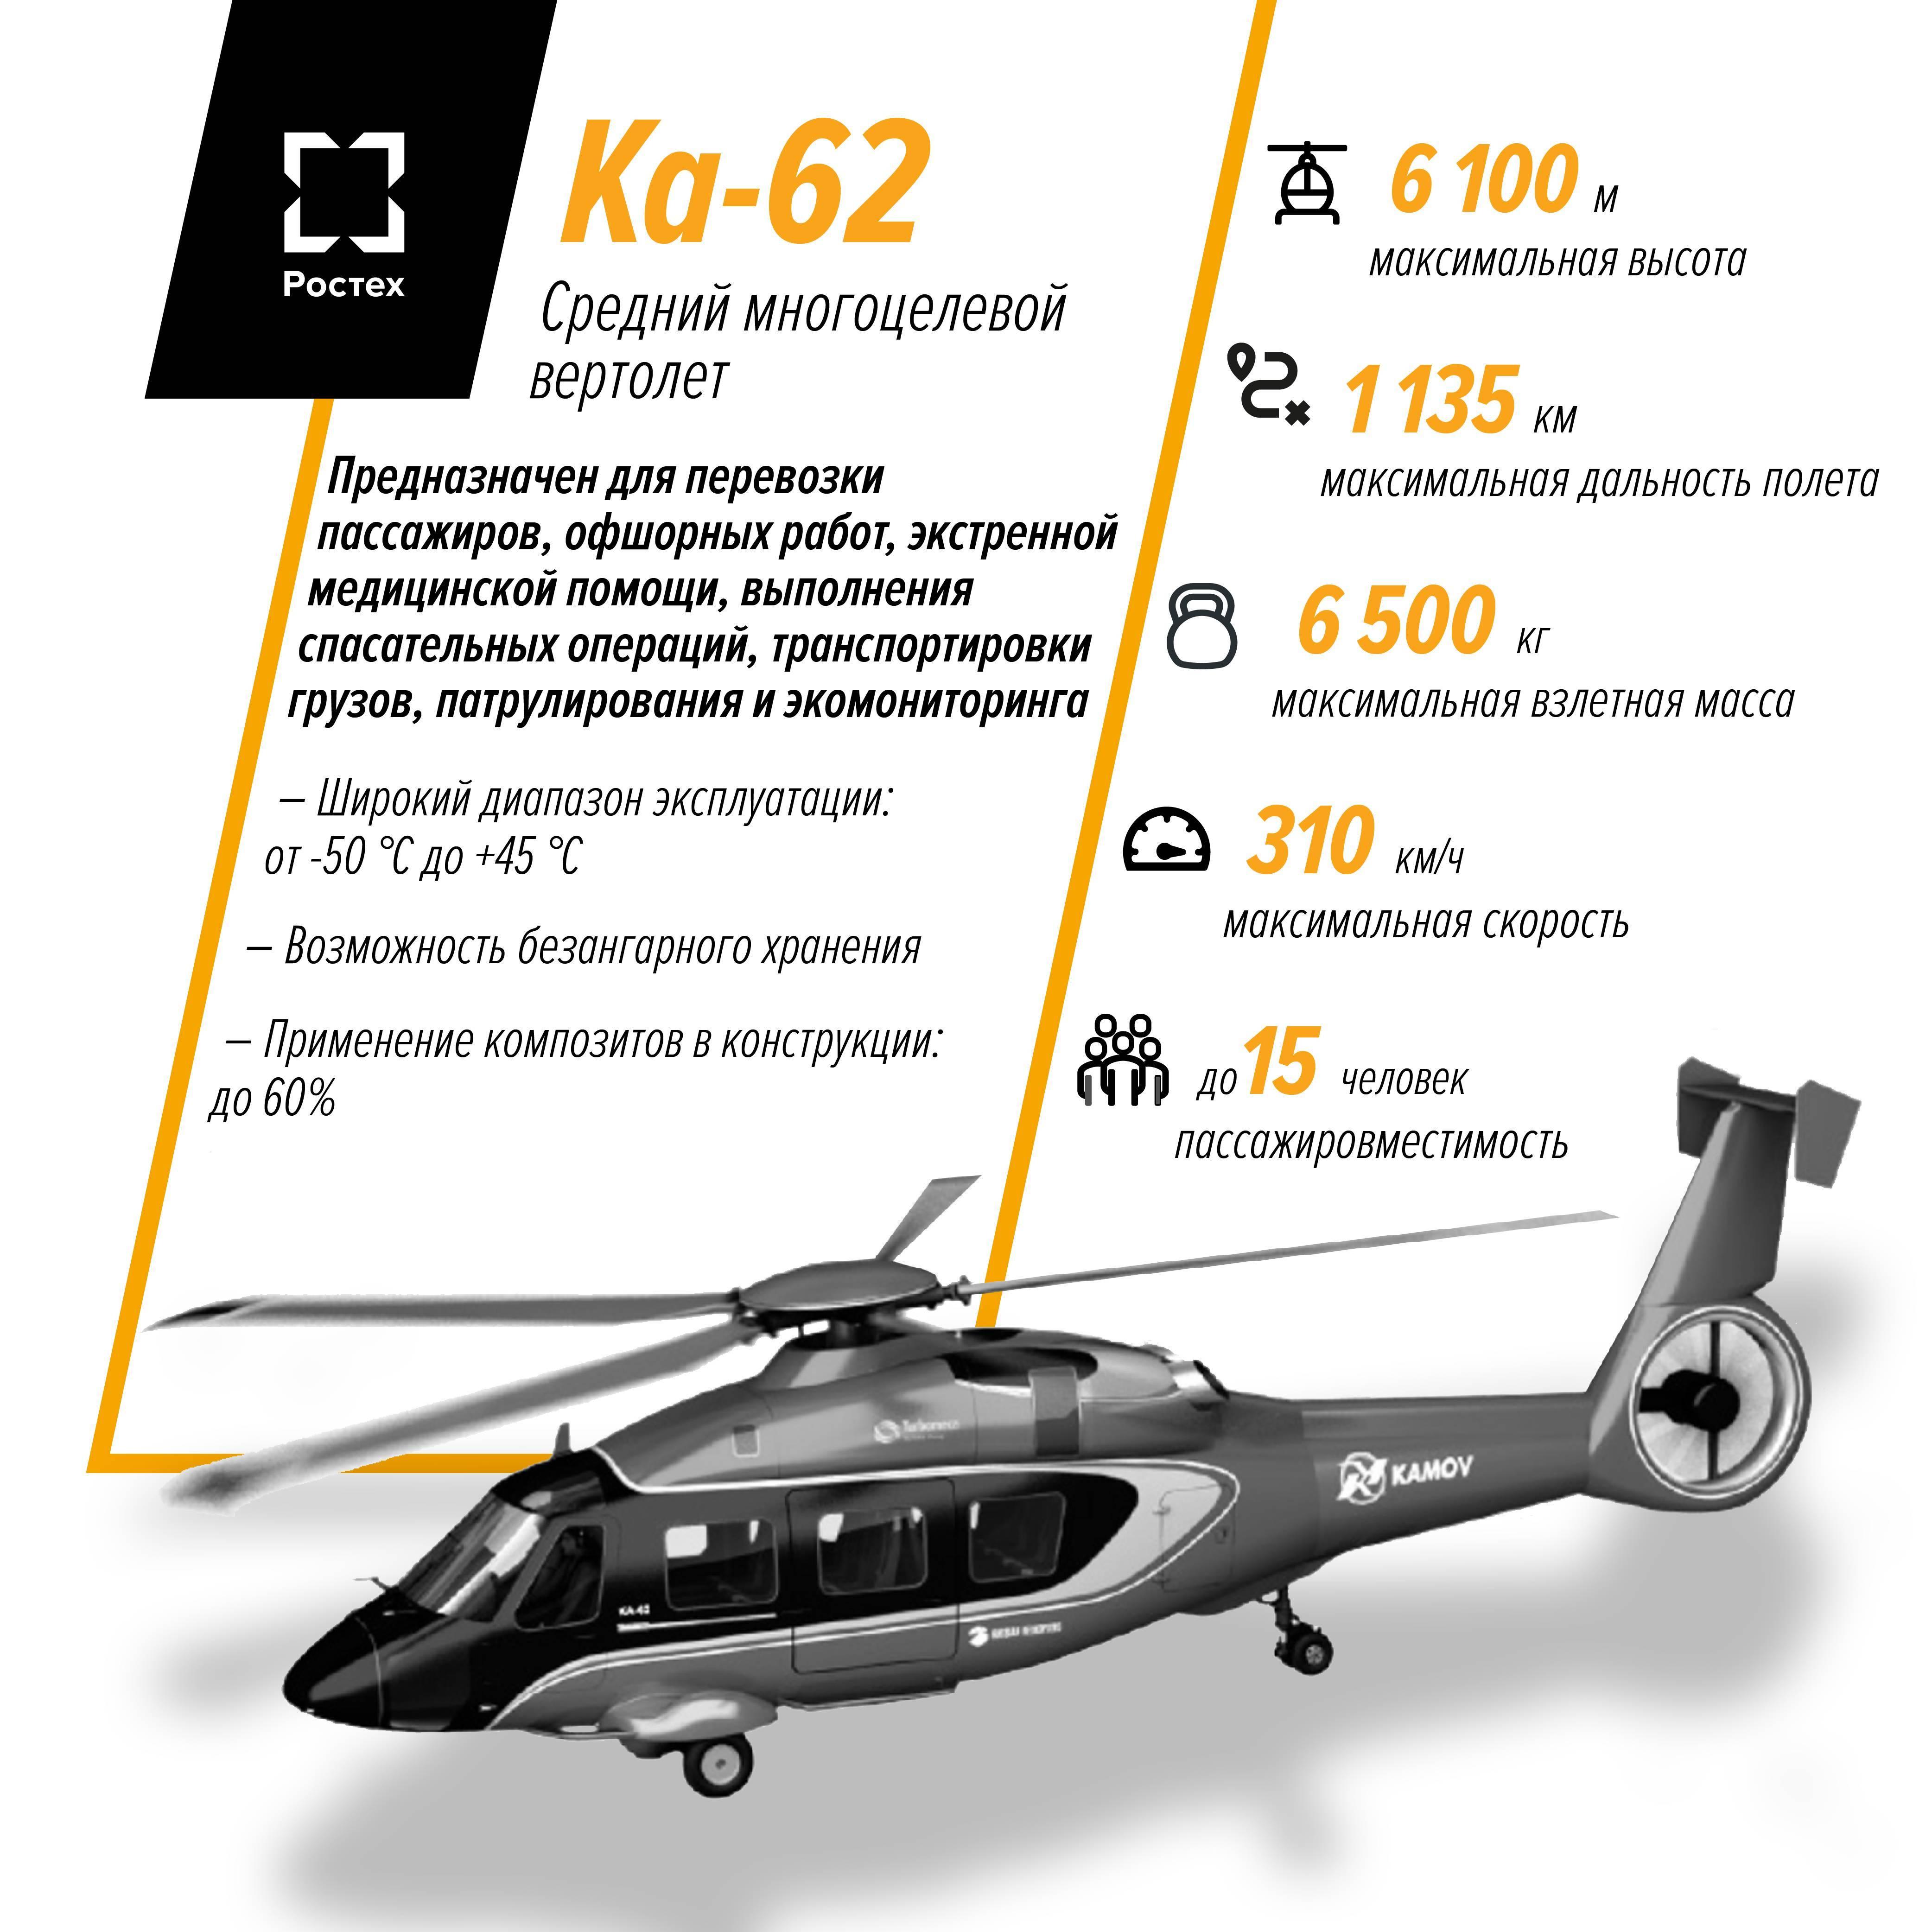 Вертолет ка-32. фото. характеристики.